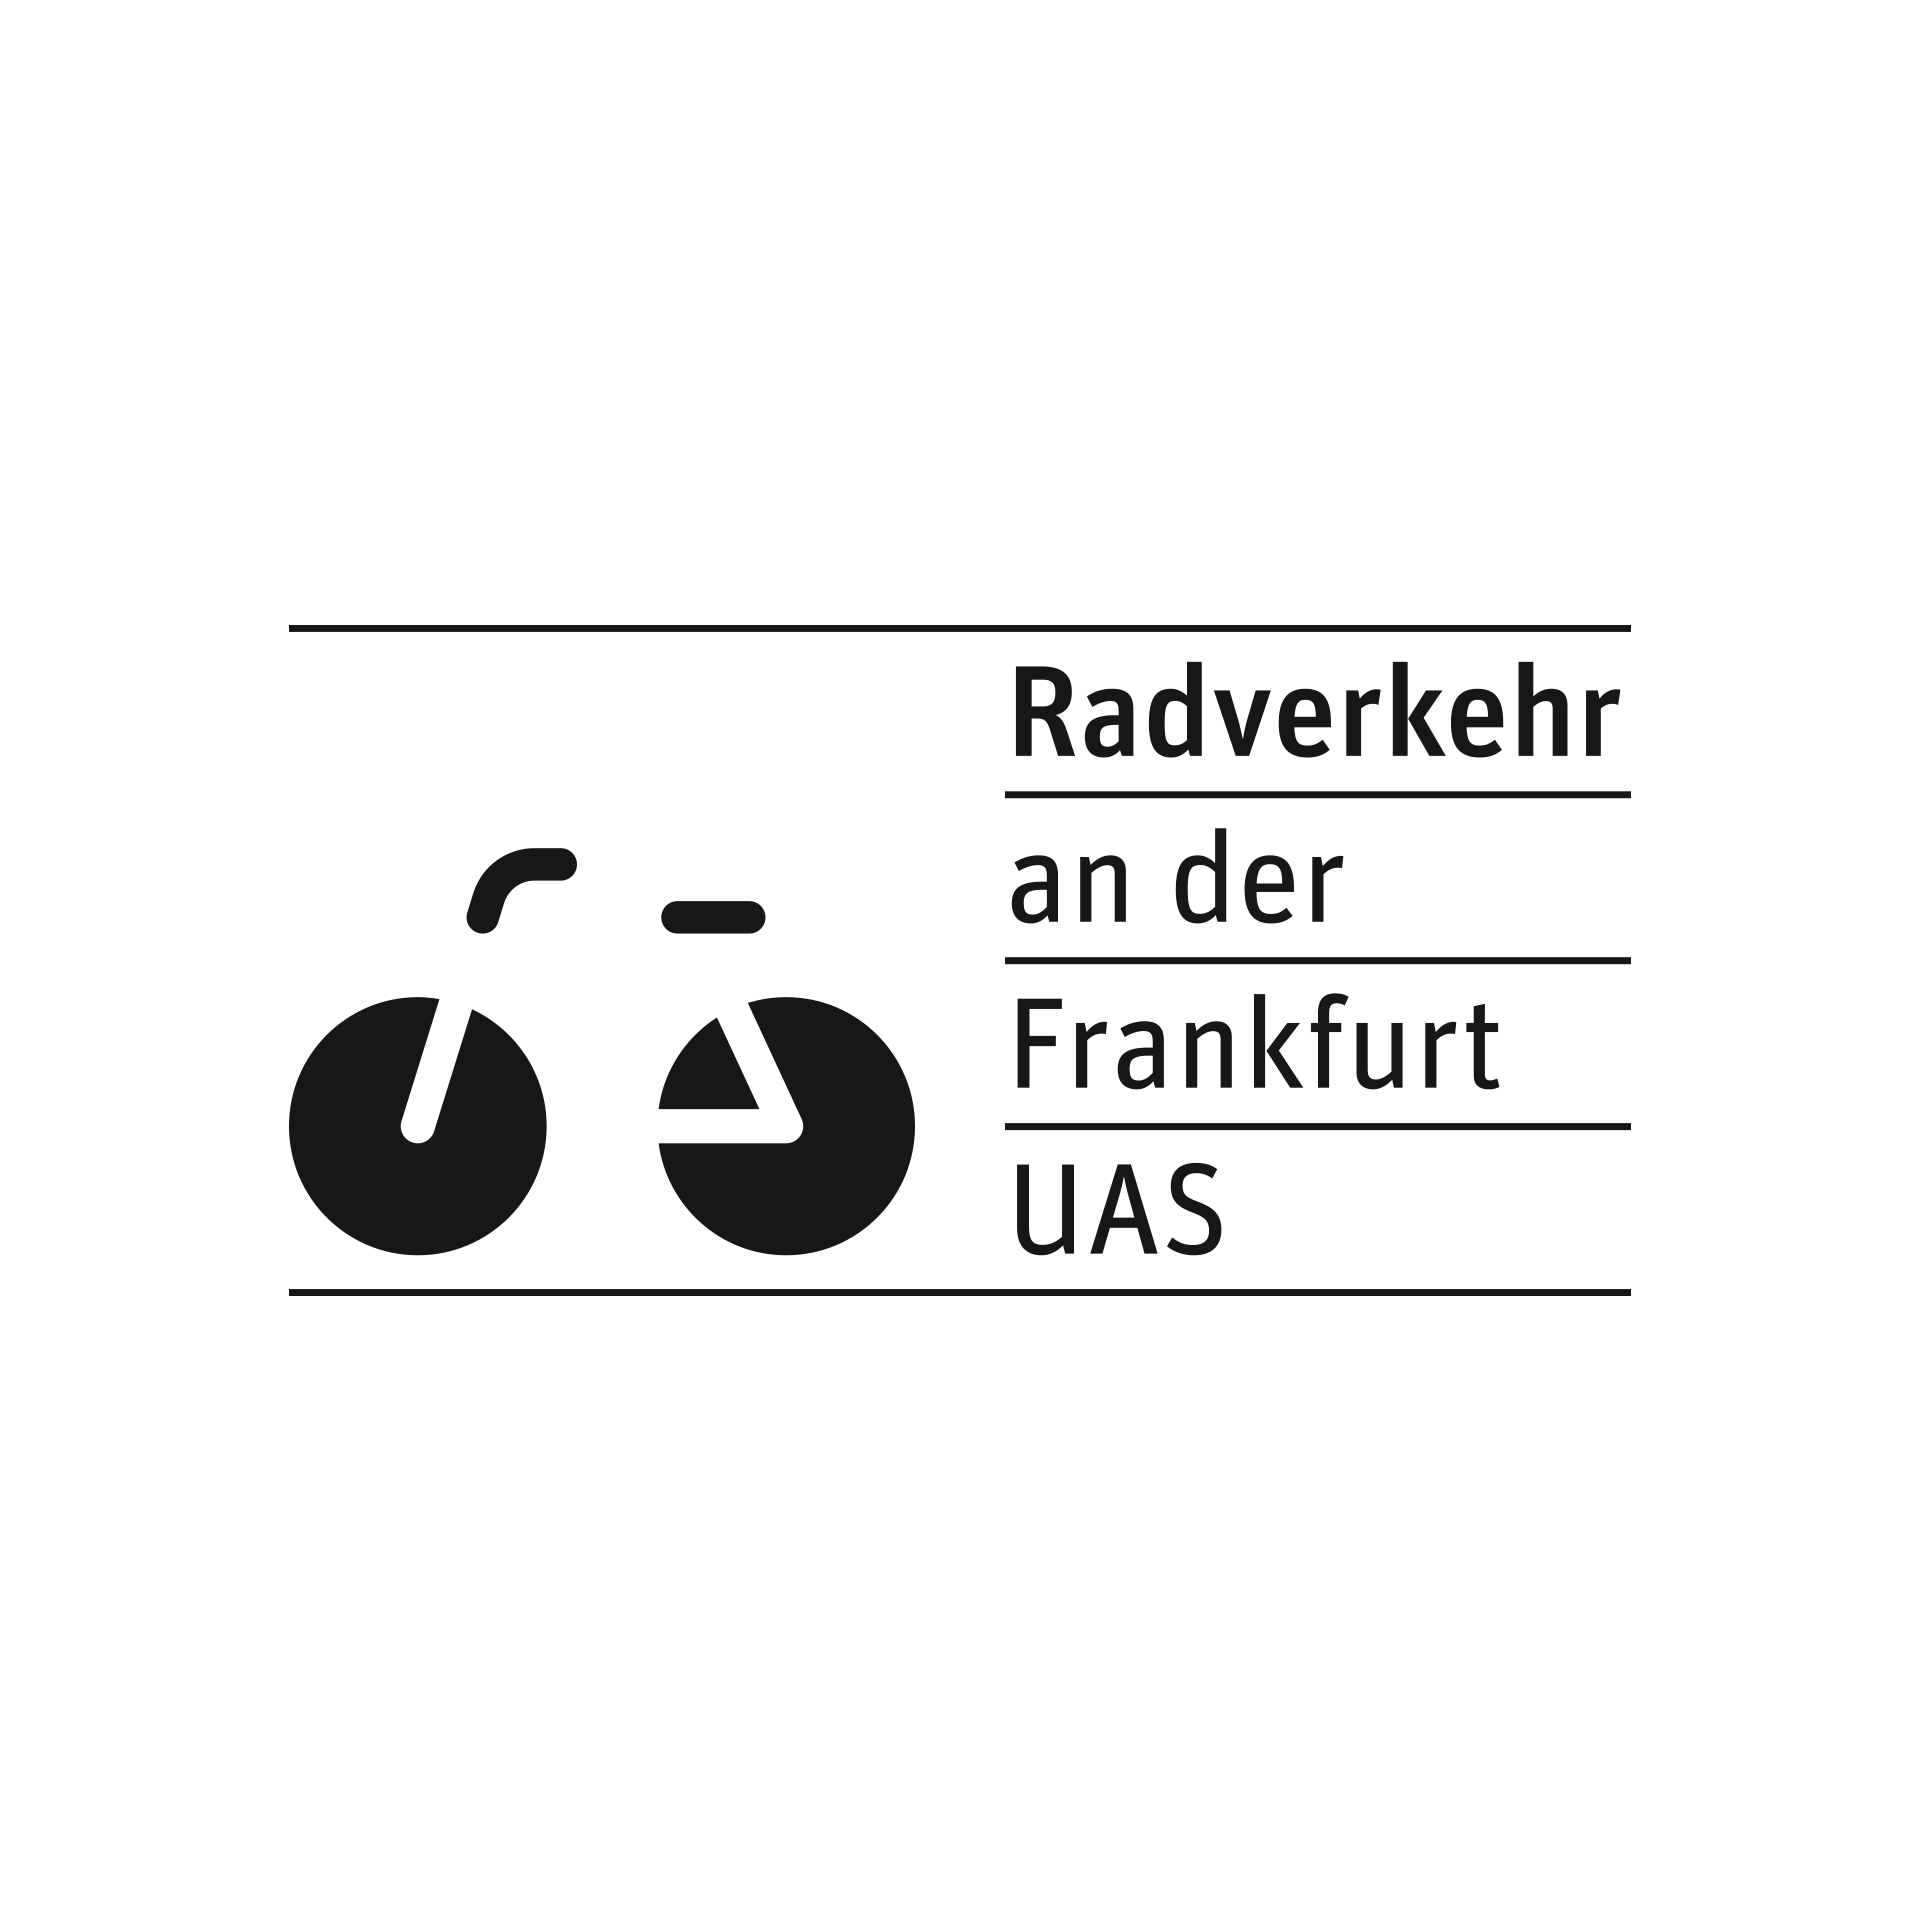 Radverkehr-Frankfurt-UAS-Buero-Ink-01-4